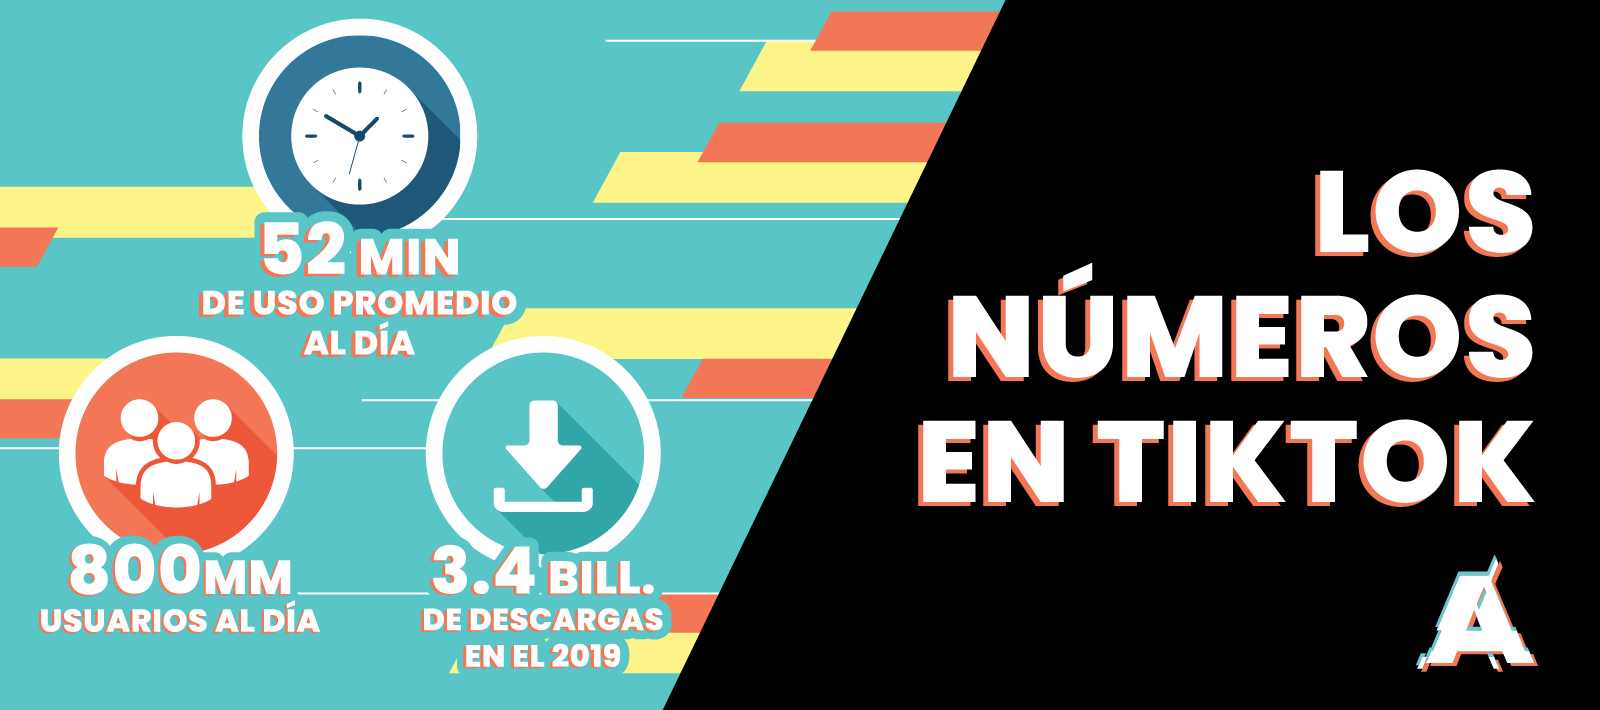 Los números en publicidad TikTok